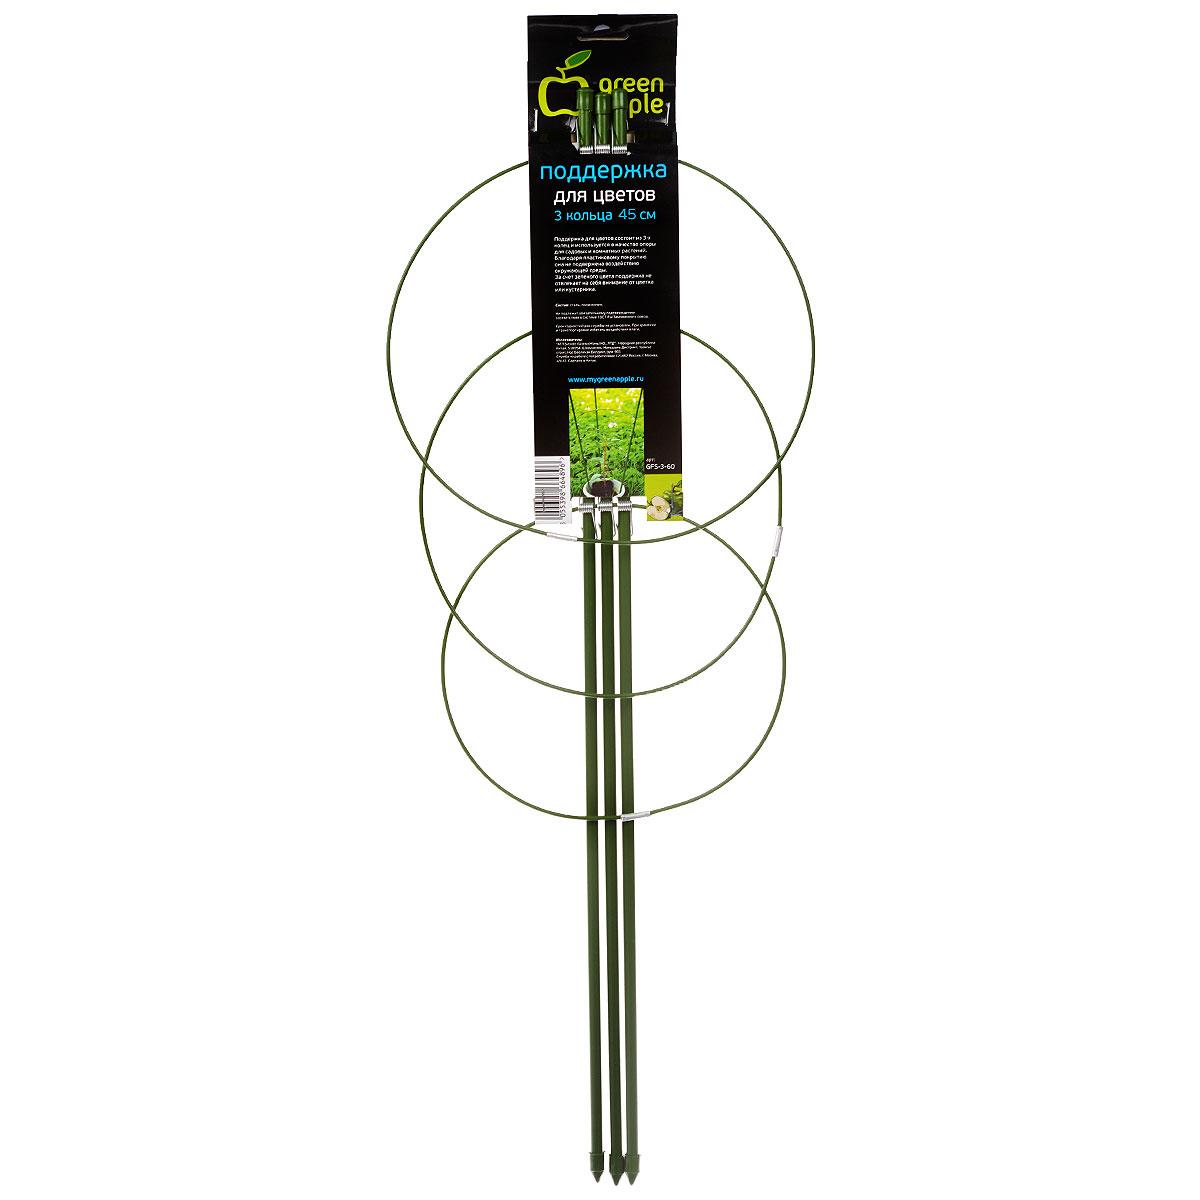 Поддержка для цветов 3 кольца Green Apple GFS-3-45, 45 смGFS-3-45Поддержка для цветов состоит из 3-х колец и используется в качестве опоры для садовых и комнатных растений. Благодаря пластиковому покрытию она не подвержена воздействию окружающей среды. За счет зеленого цвета поддержка не отвлекает на себя внимание от цветка или кустарника.